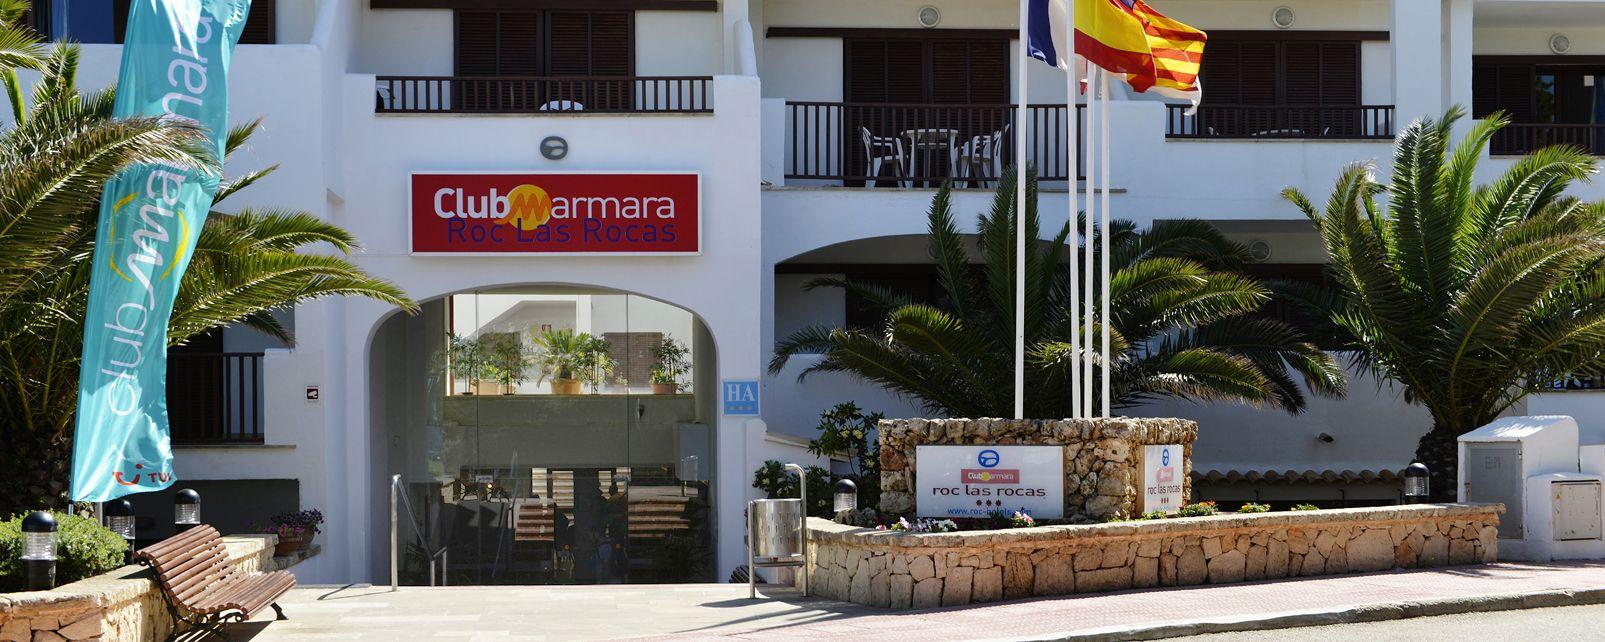 Hôtel Club Marmara Las Rocas